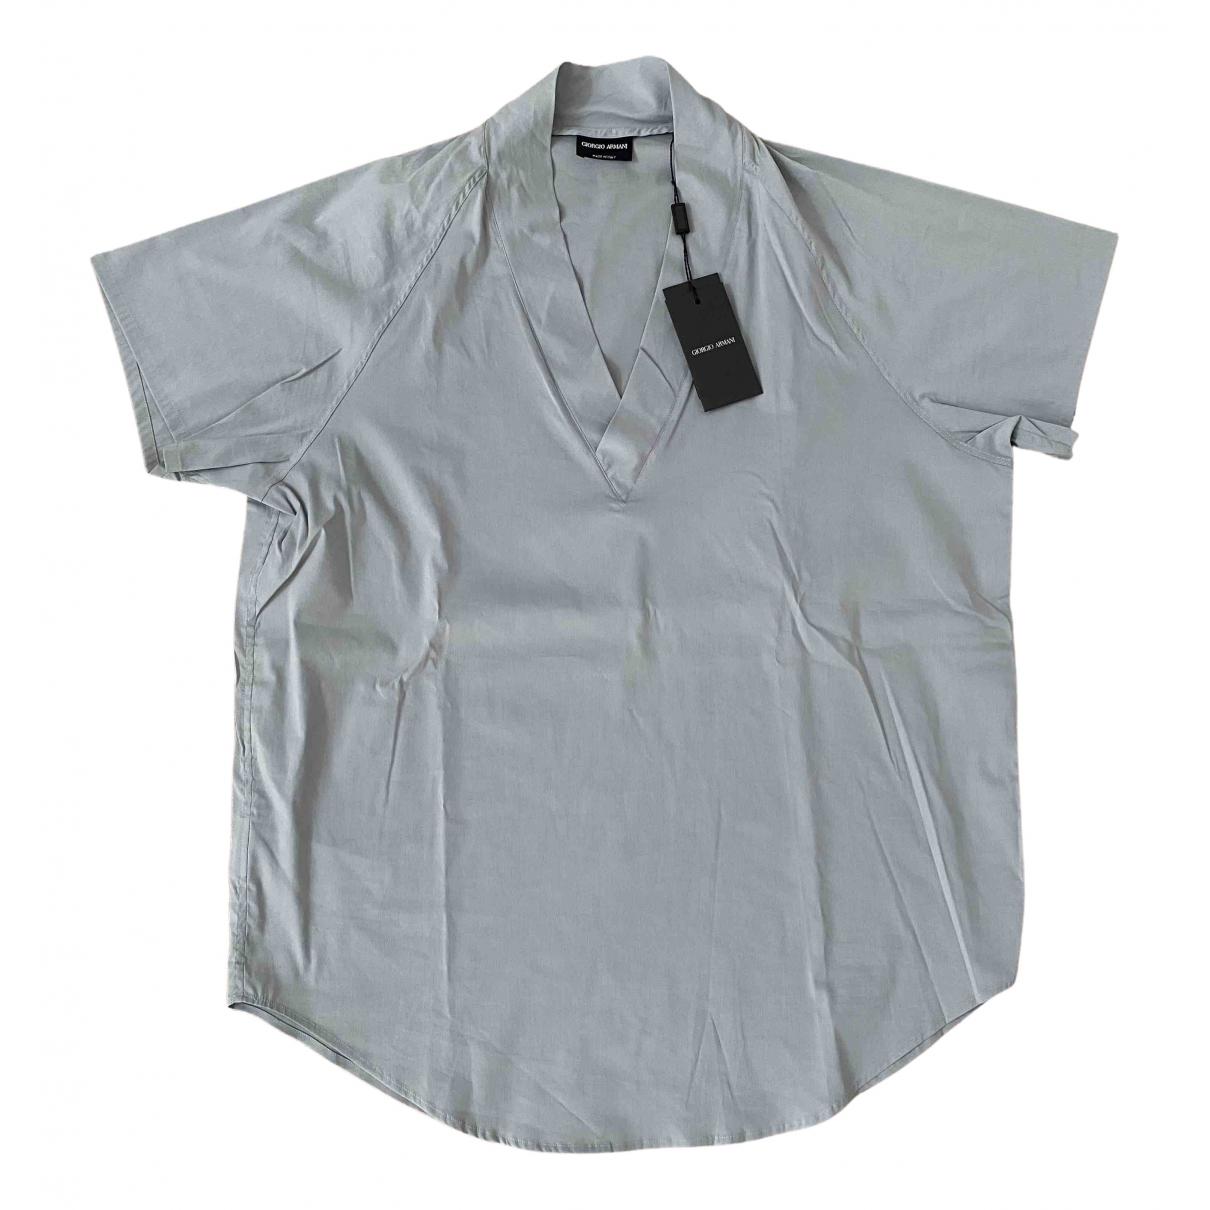 Giorgio Armani N Blue Cotton Shirts for Men 41 EU (tour de cou / collar)